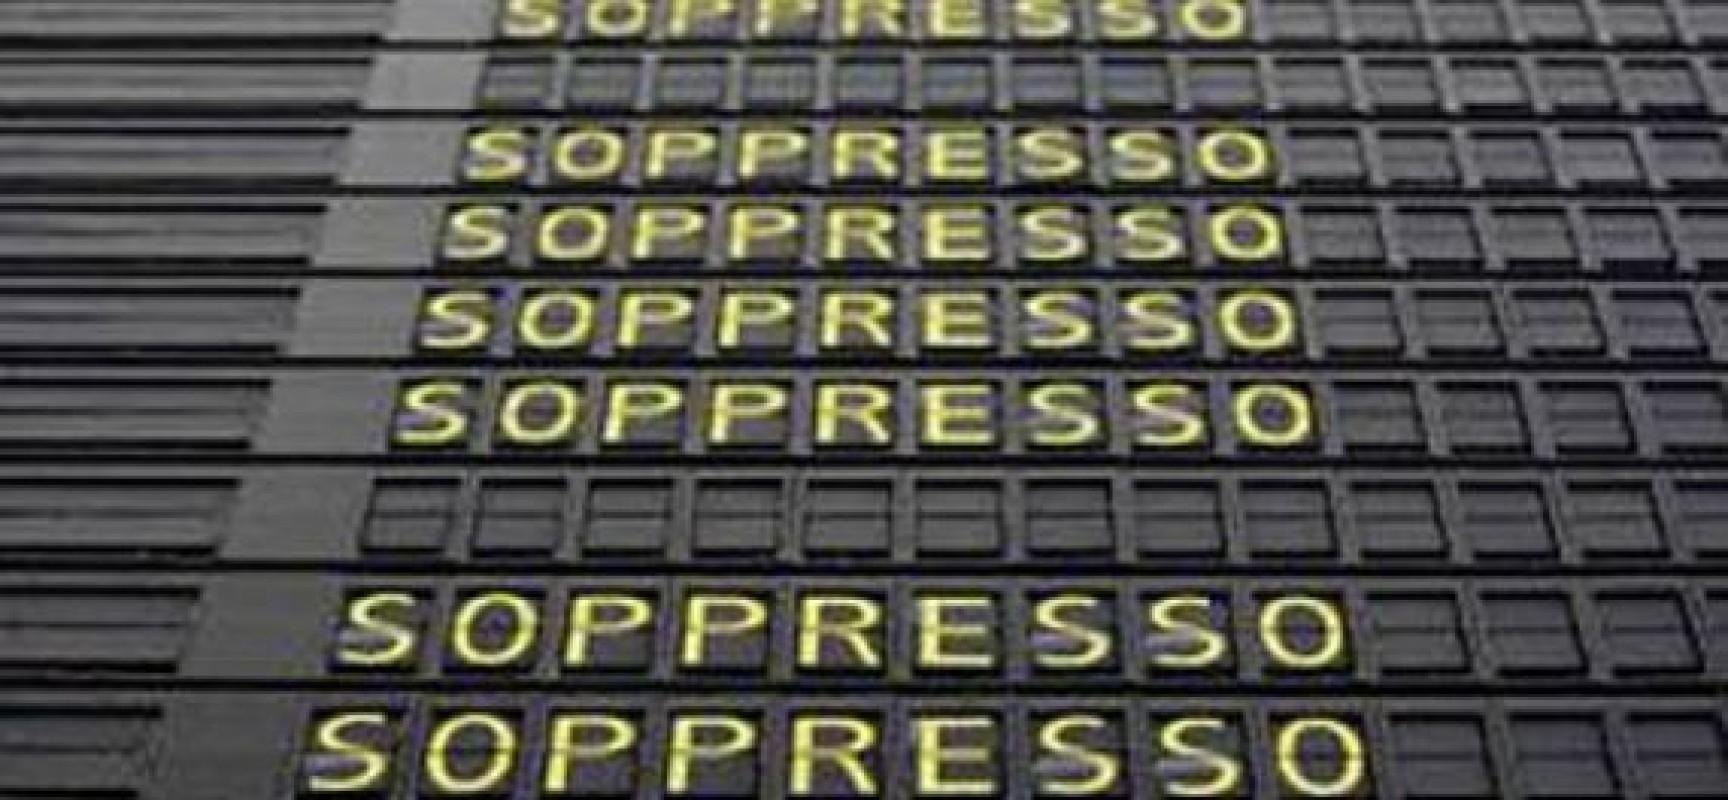 Orari sciopero aerei 17 febbraio 2015